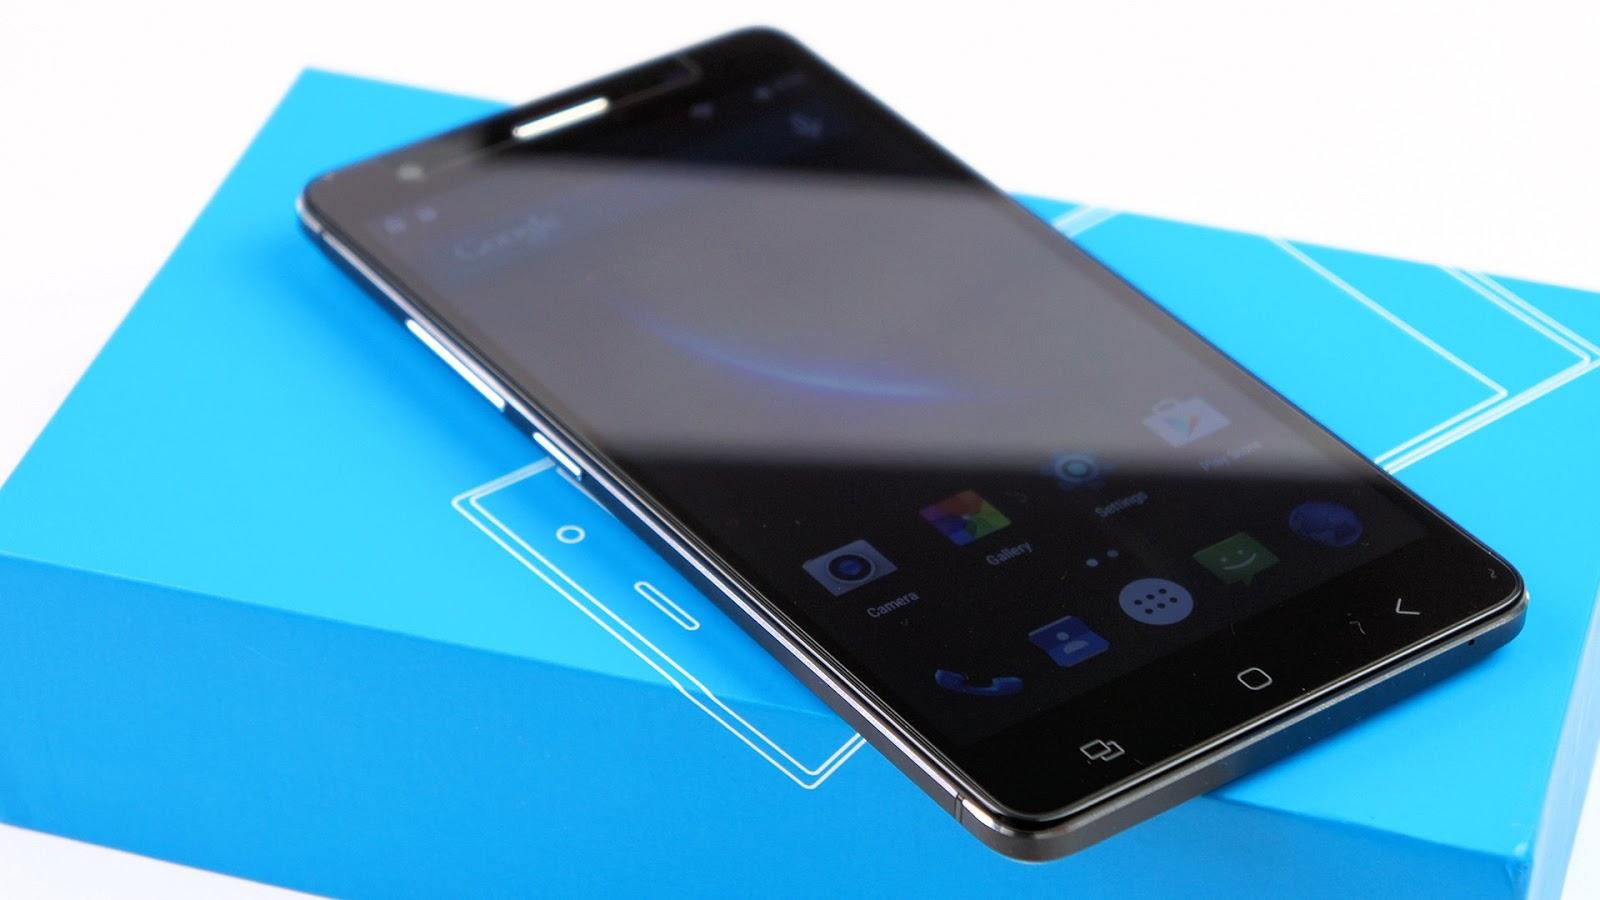 mstar-s700-review-gearbest-cheap-lollipop-phone-fingerprint-sensor